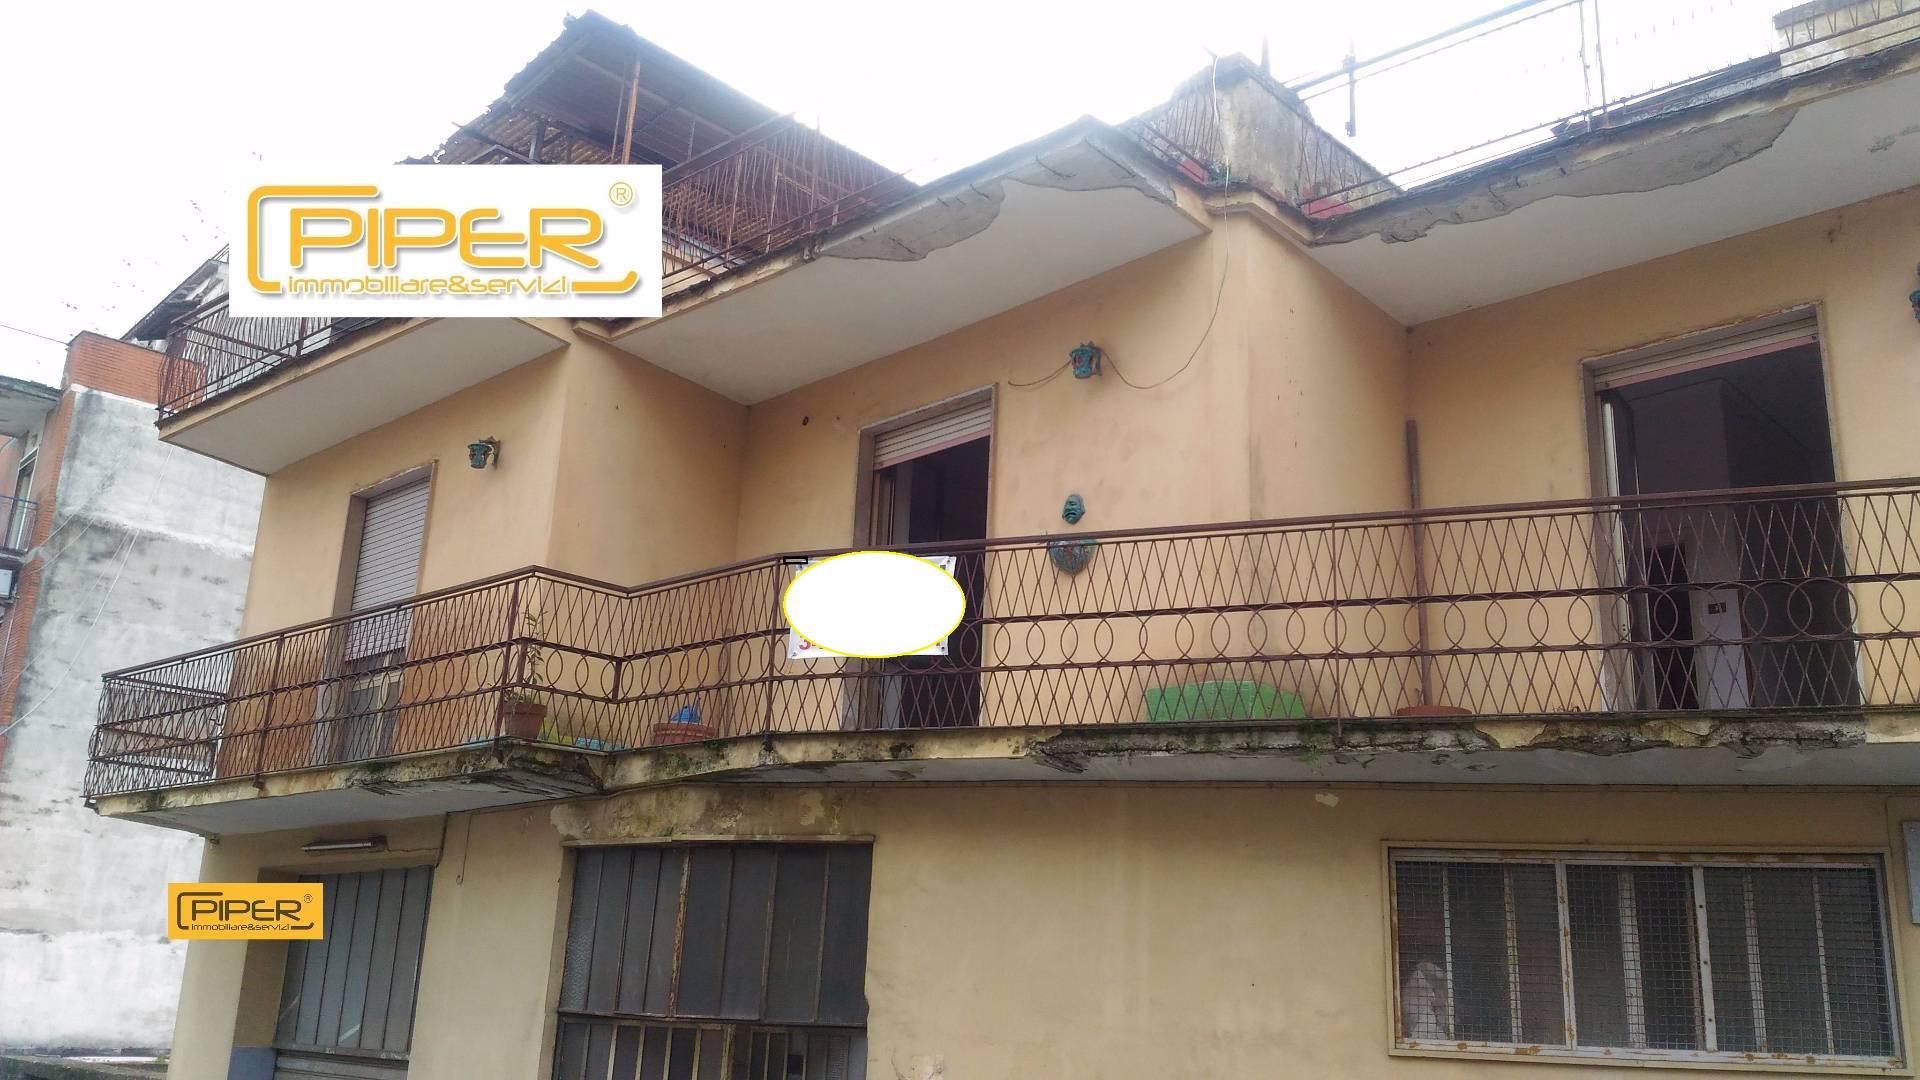 Palazzo / Stabile in vendita a Napoli, 10 locali, zona Località: SanCarloArena, prezzo € 395.000 | CambioCasa.it